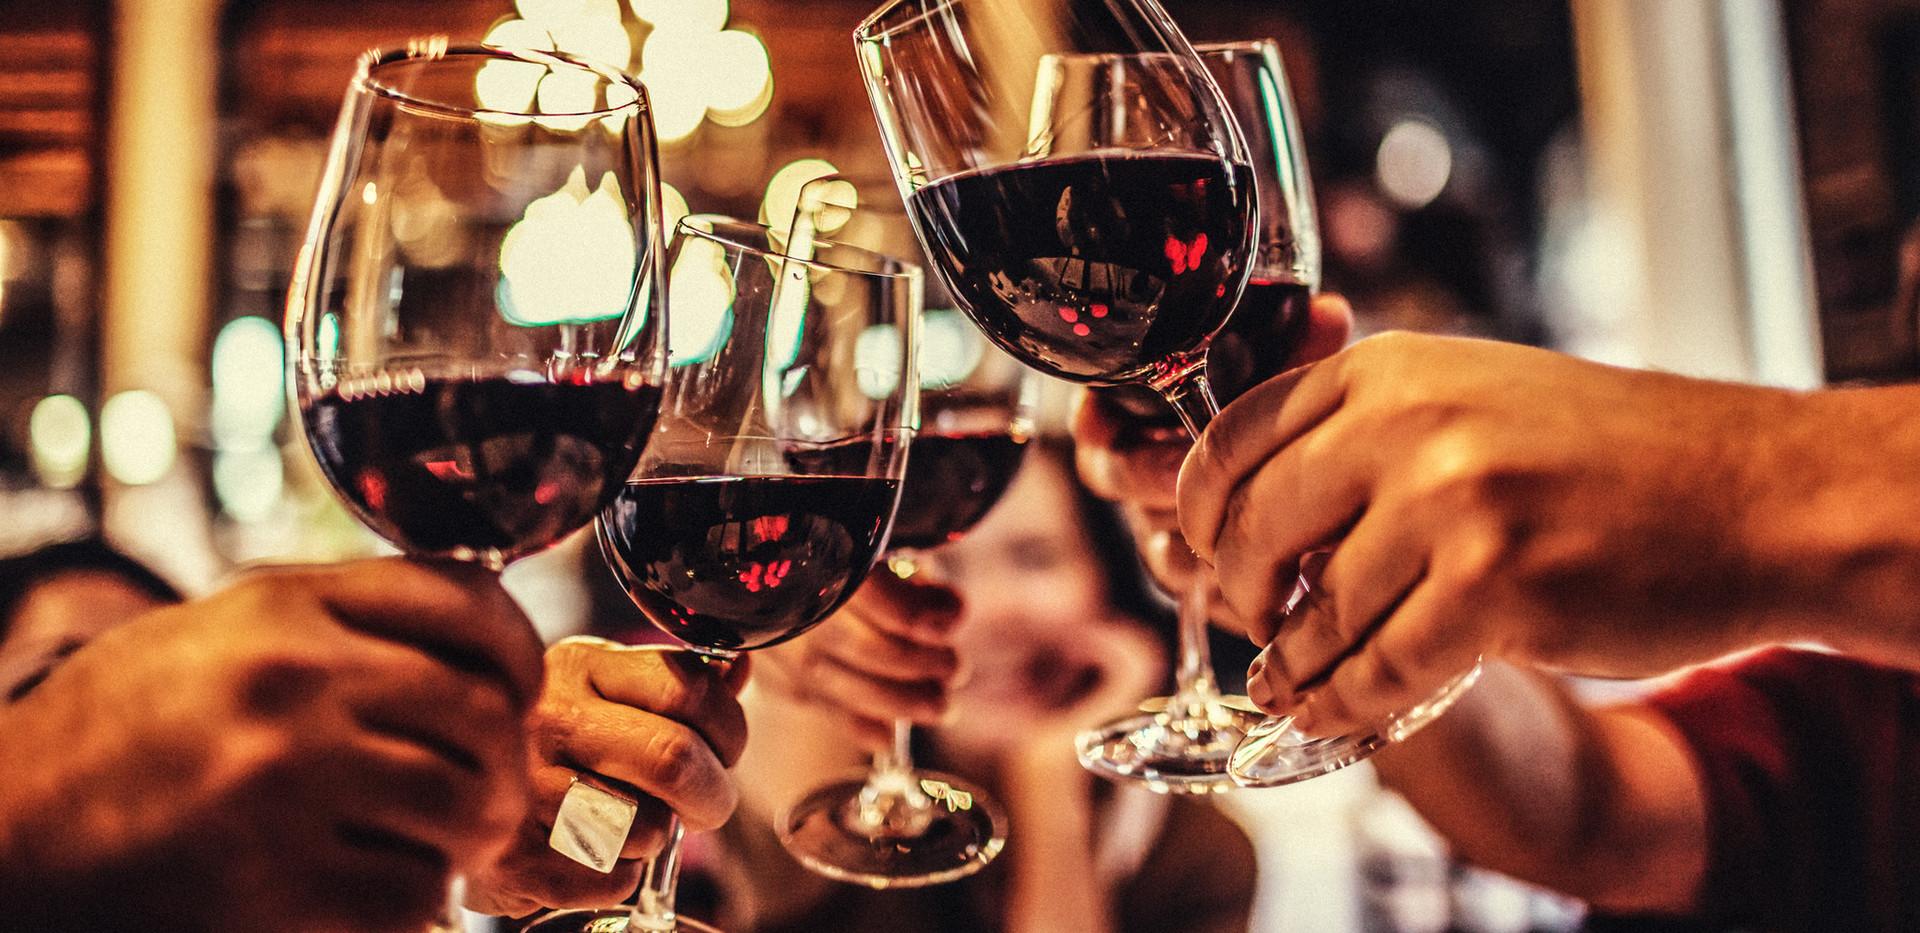 15312985cheers-brinde-copos-vinho-wine-f